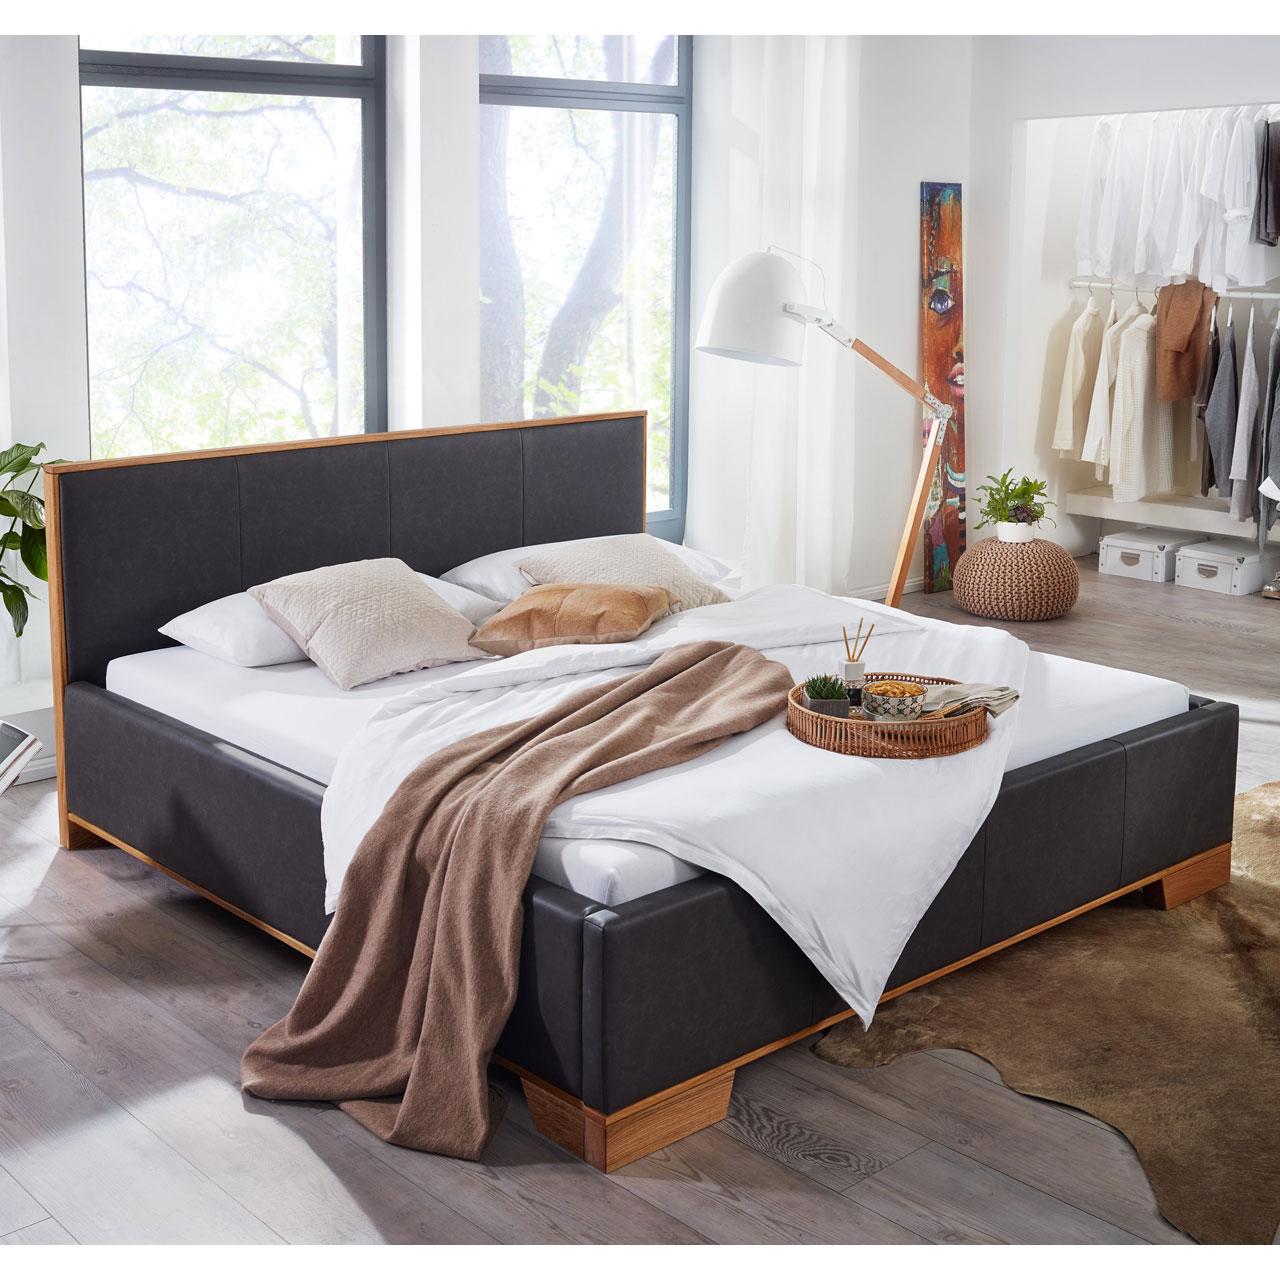 Full Size of Lippstadt Betten Bewertung Polsterbett Gnstig Online Kaufen Matratzen Bettende Bett Www.betten.de